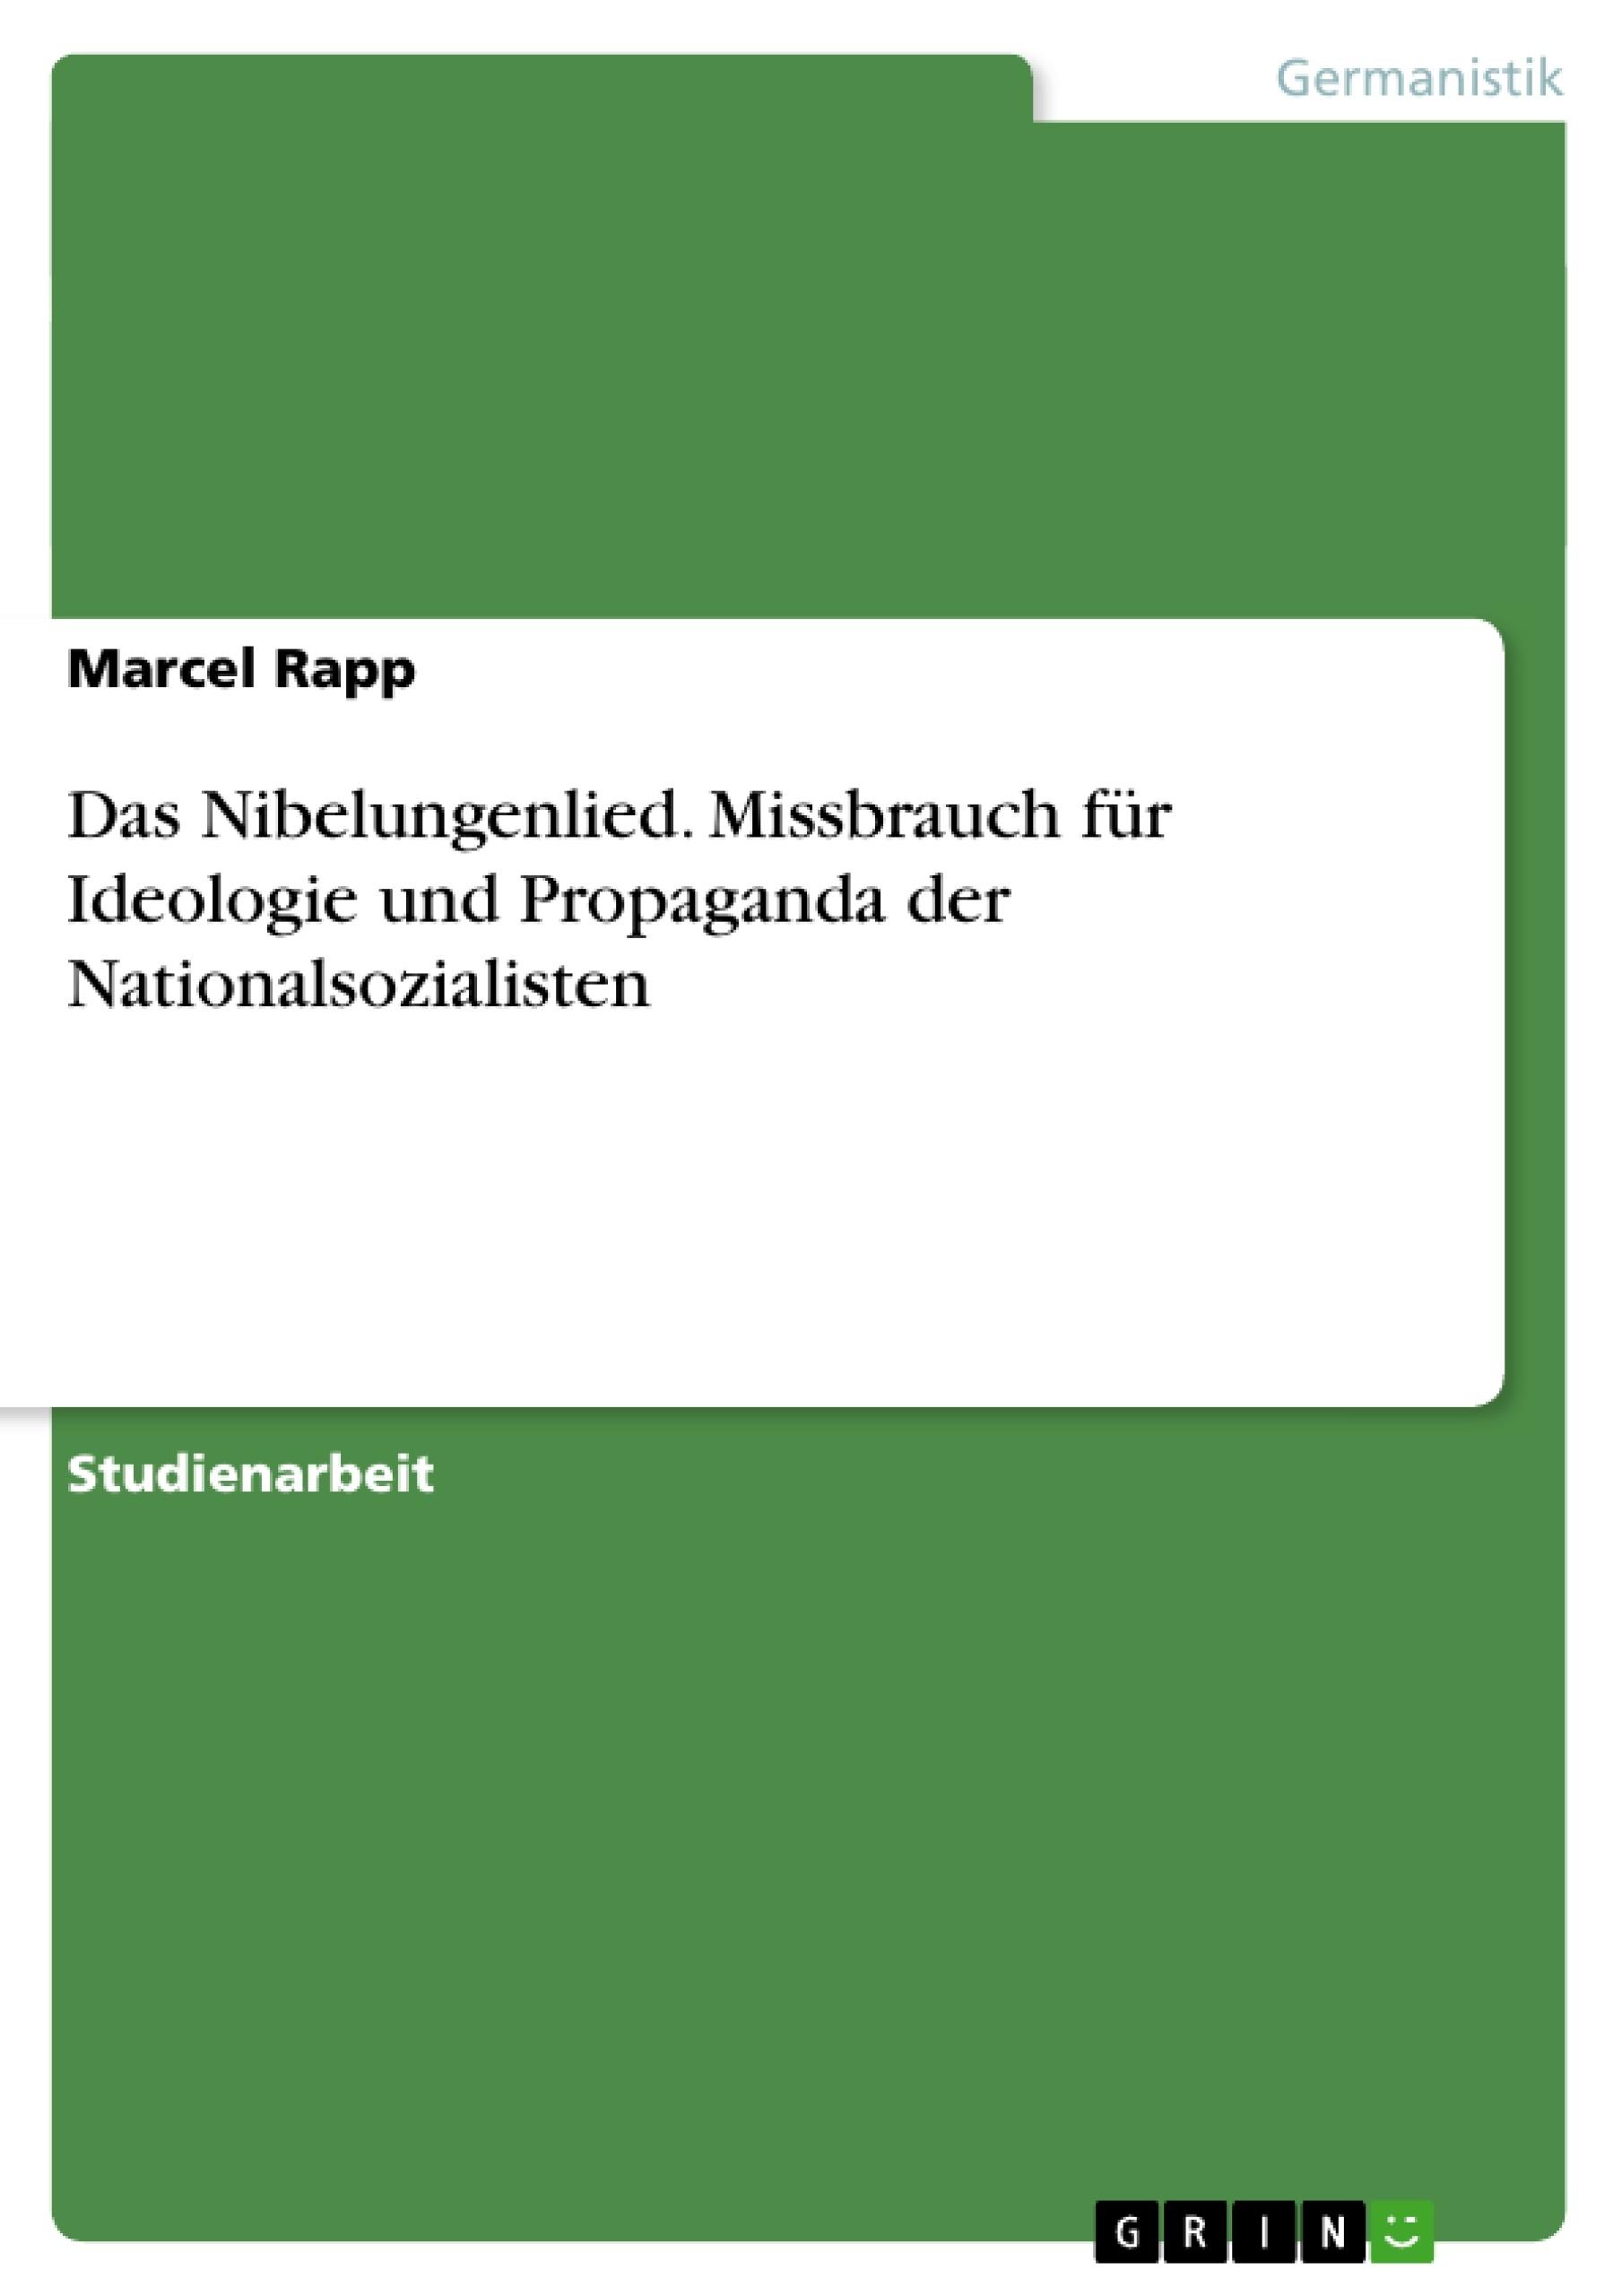 Titel: Das Nibelungenlied. Missbrauch für Ideologie und Propaganda der Nationalsozialisten